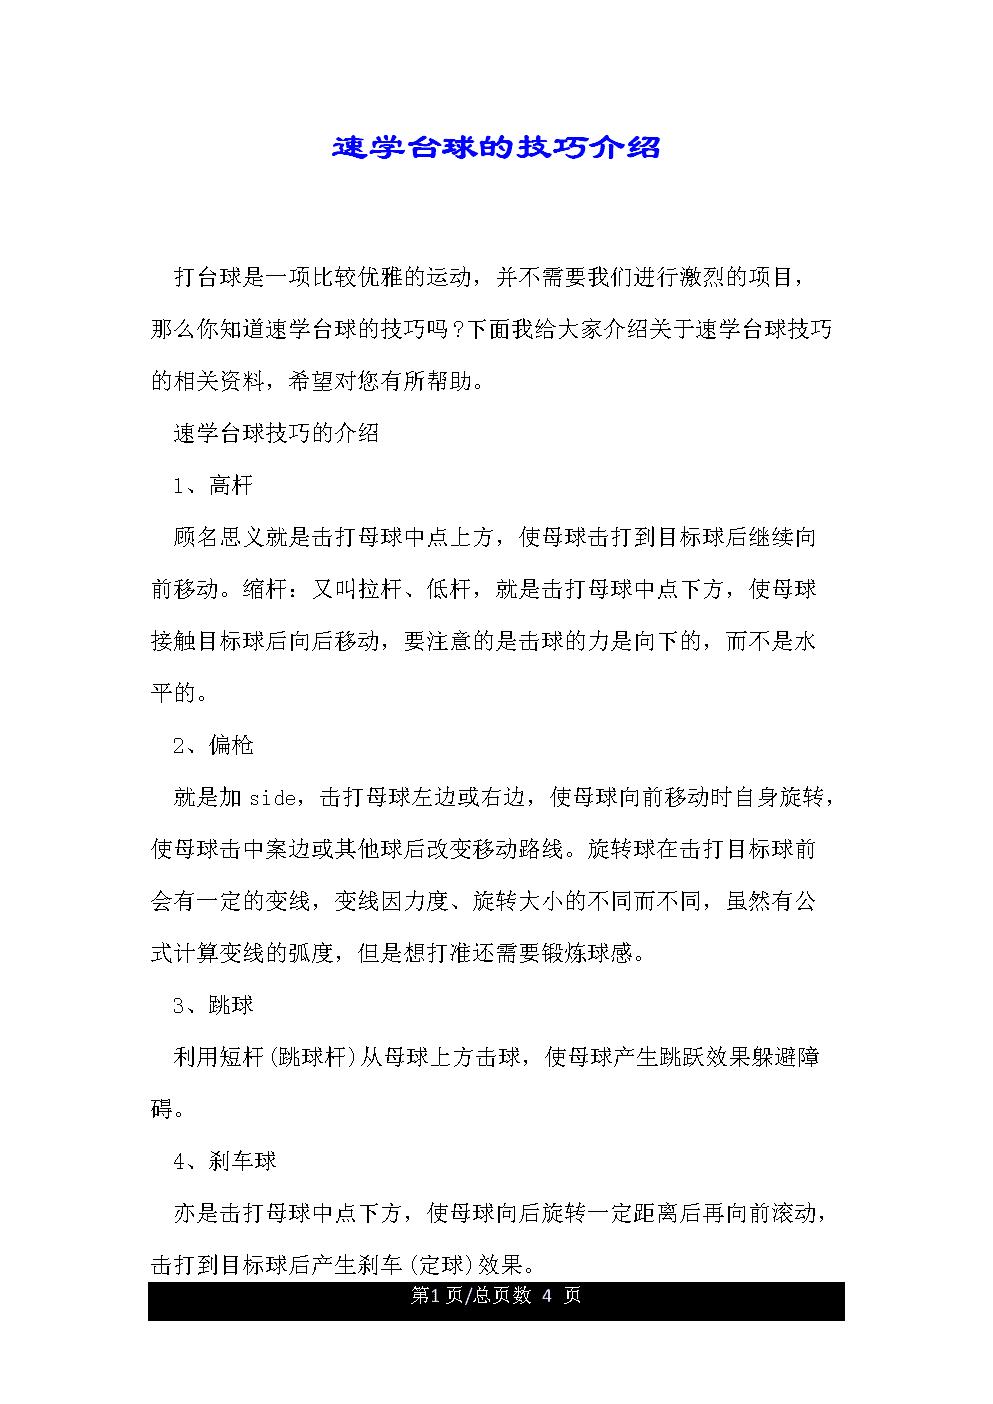 速学台球的技巧介绍.doc